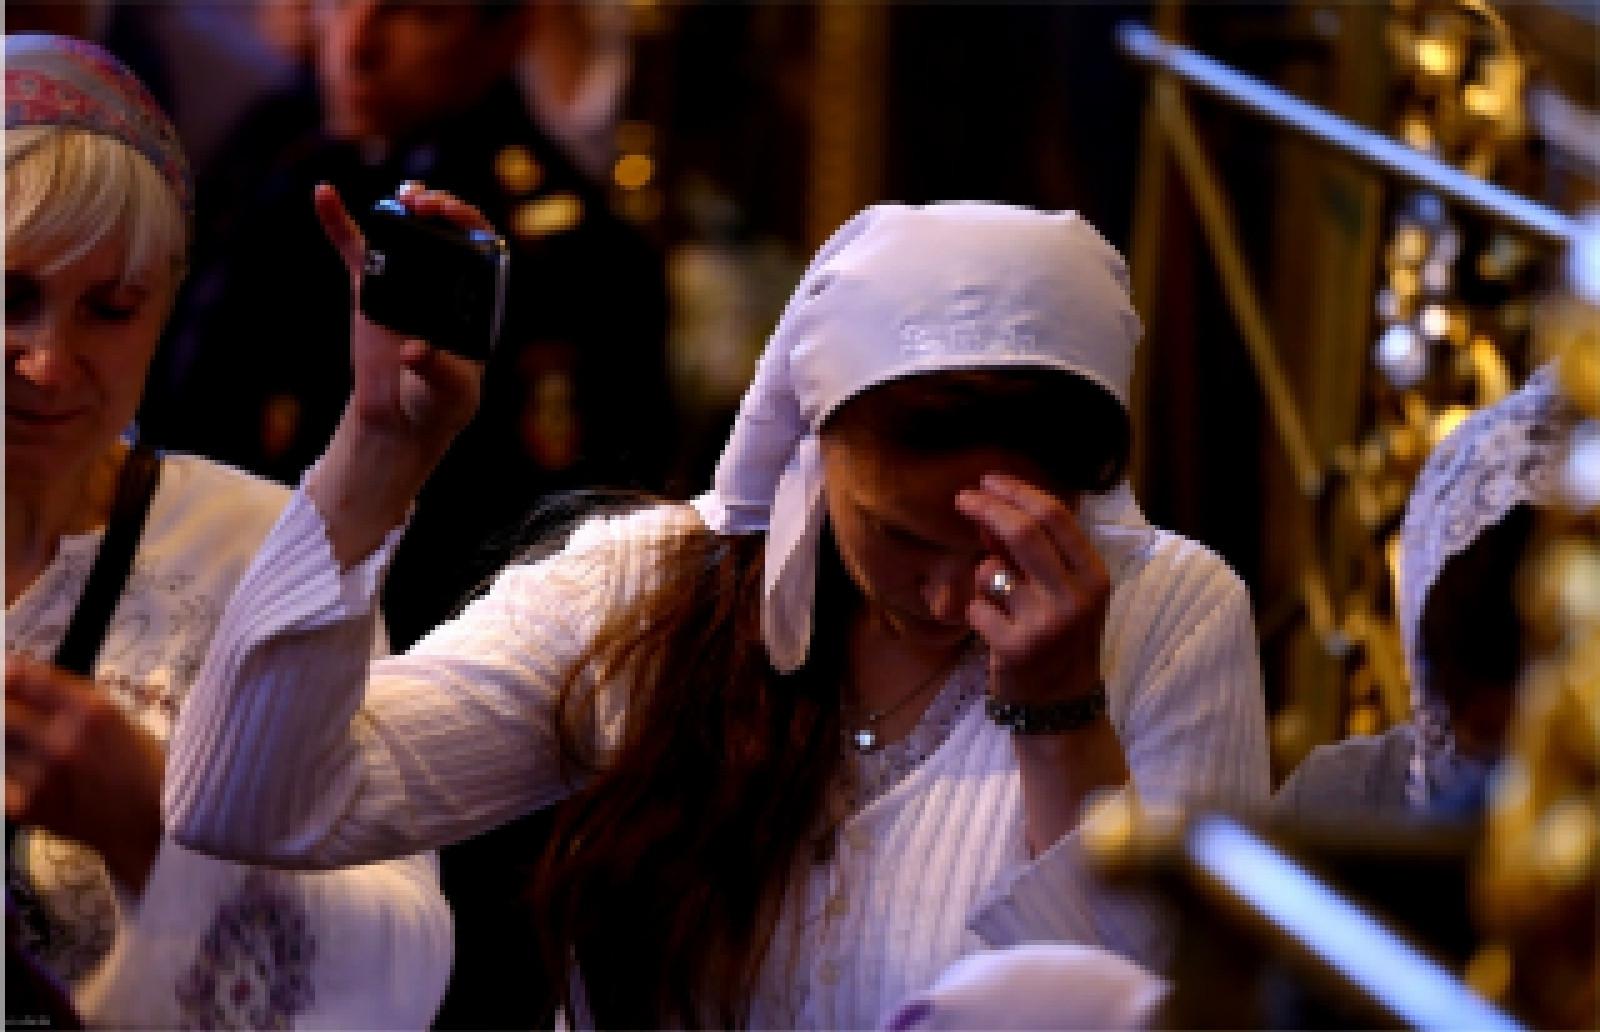 РПЦ призвала верующих ходить вцерковь недля селфи